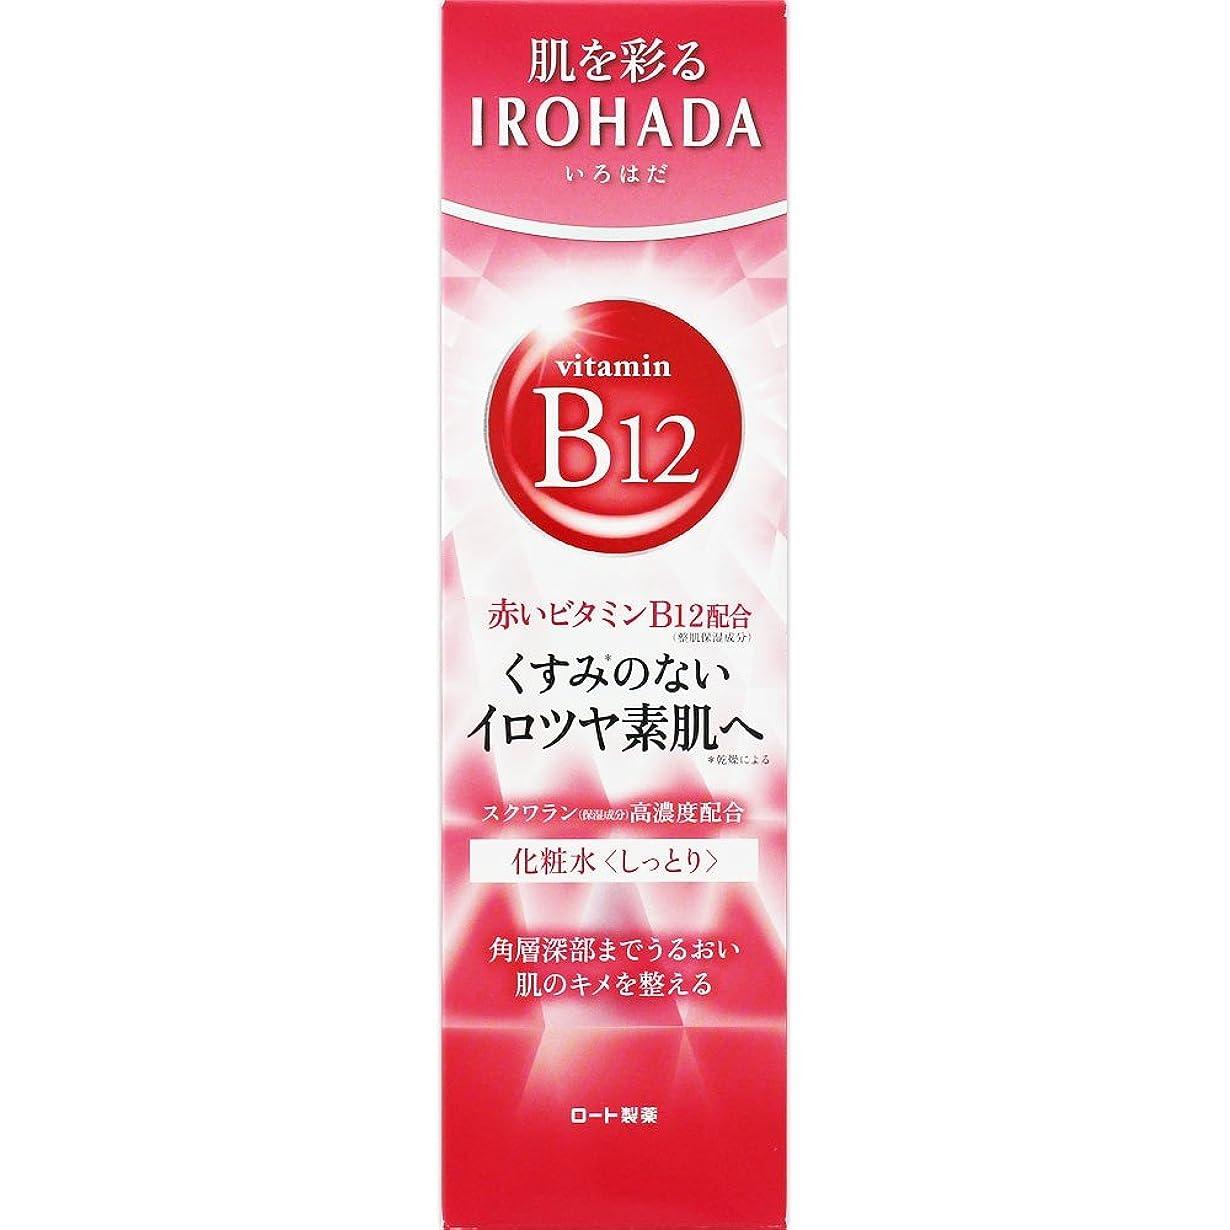 ポスターバースト植物のロート製薬 いろはだ (IROHADA) 赤いビタミンB12×スクワラン配合 化粧水しっとり 160ml